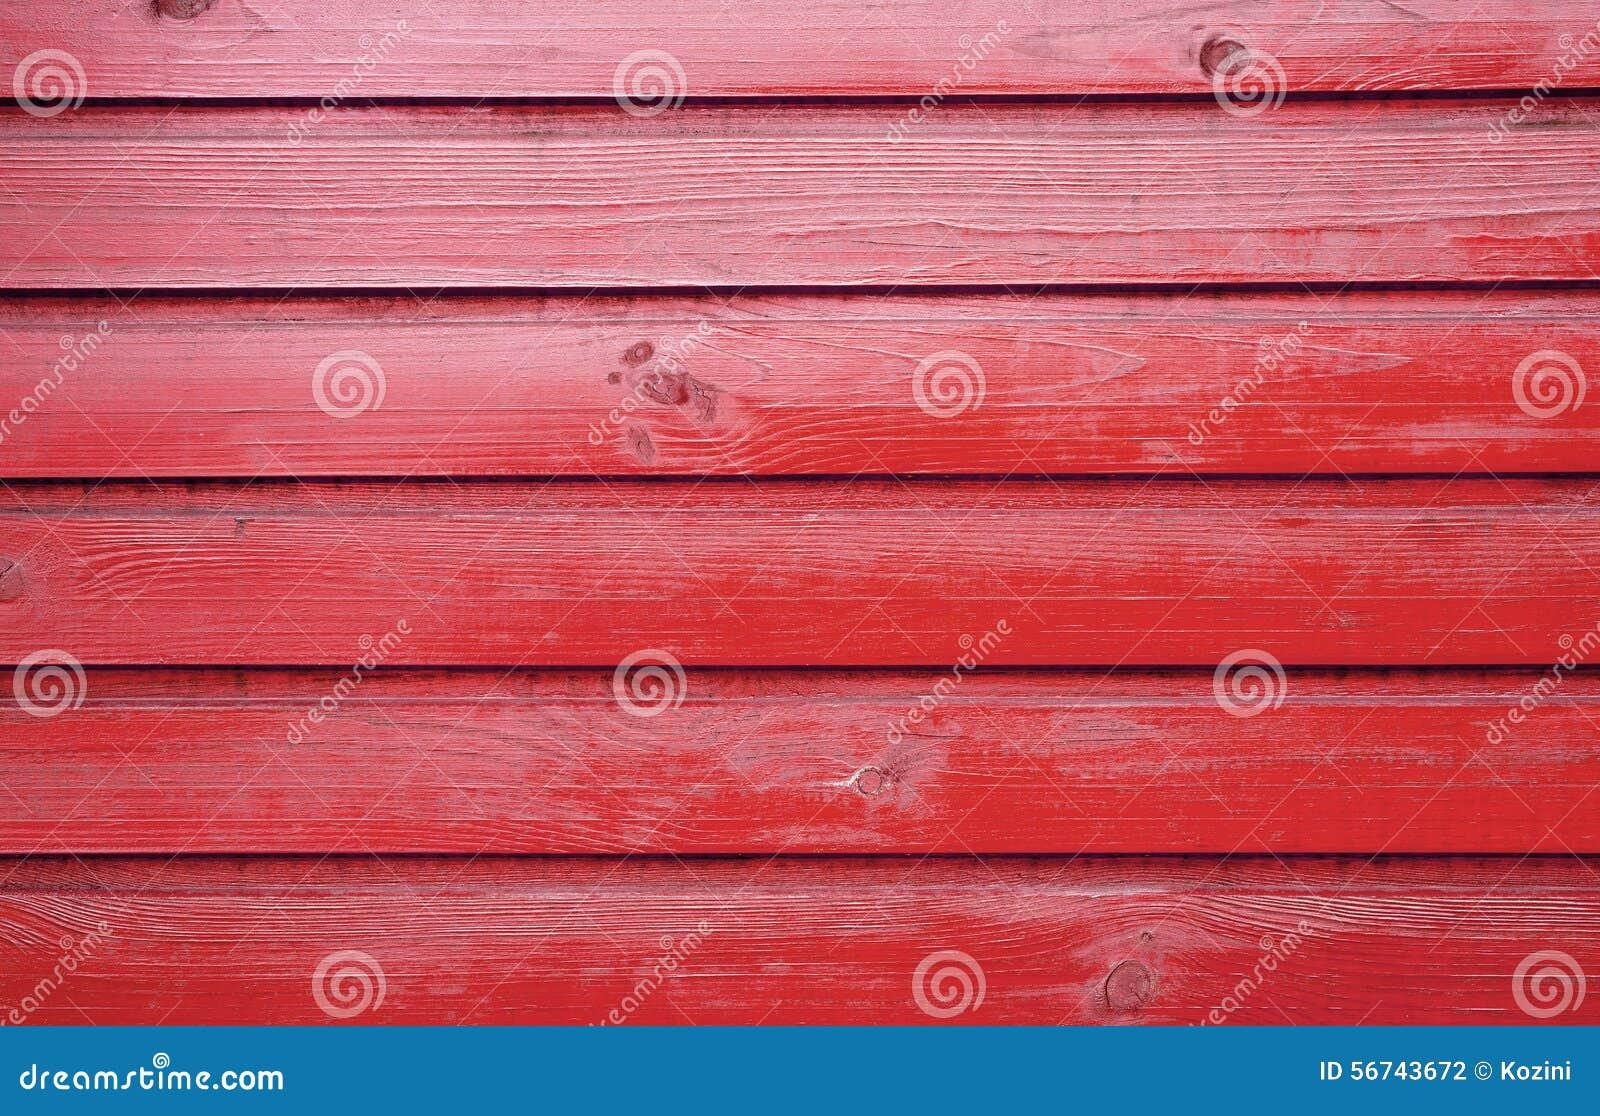 Colori Vernici Legno : Colori vernici per legno vernici per legno leroy merlin leroy